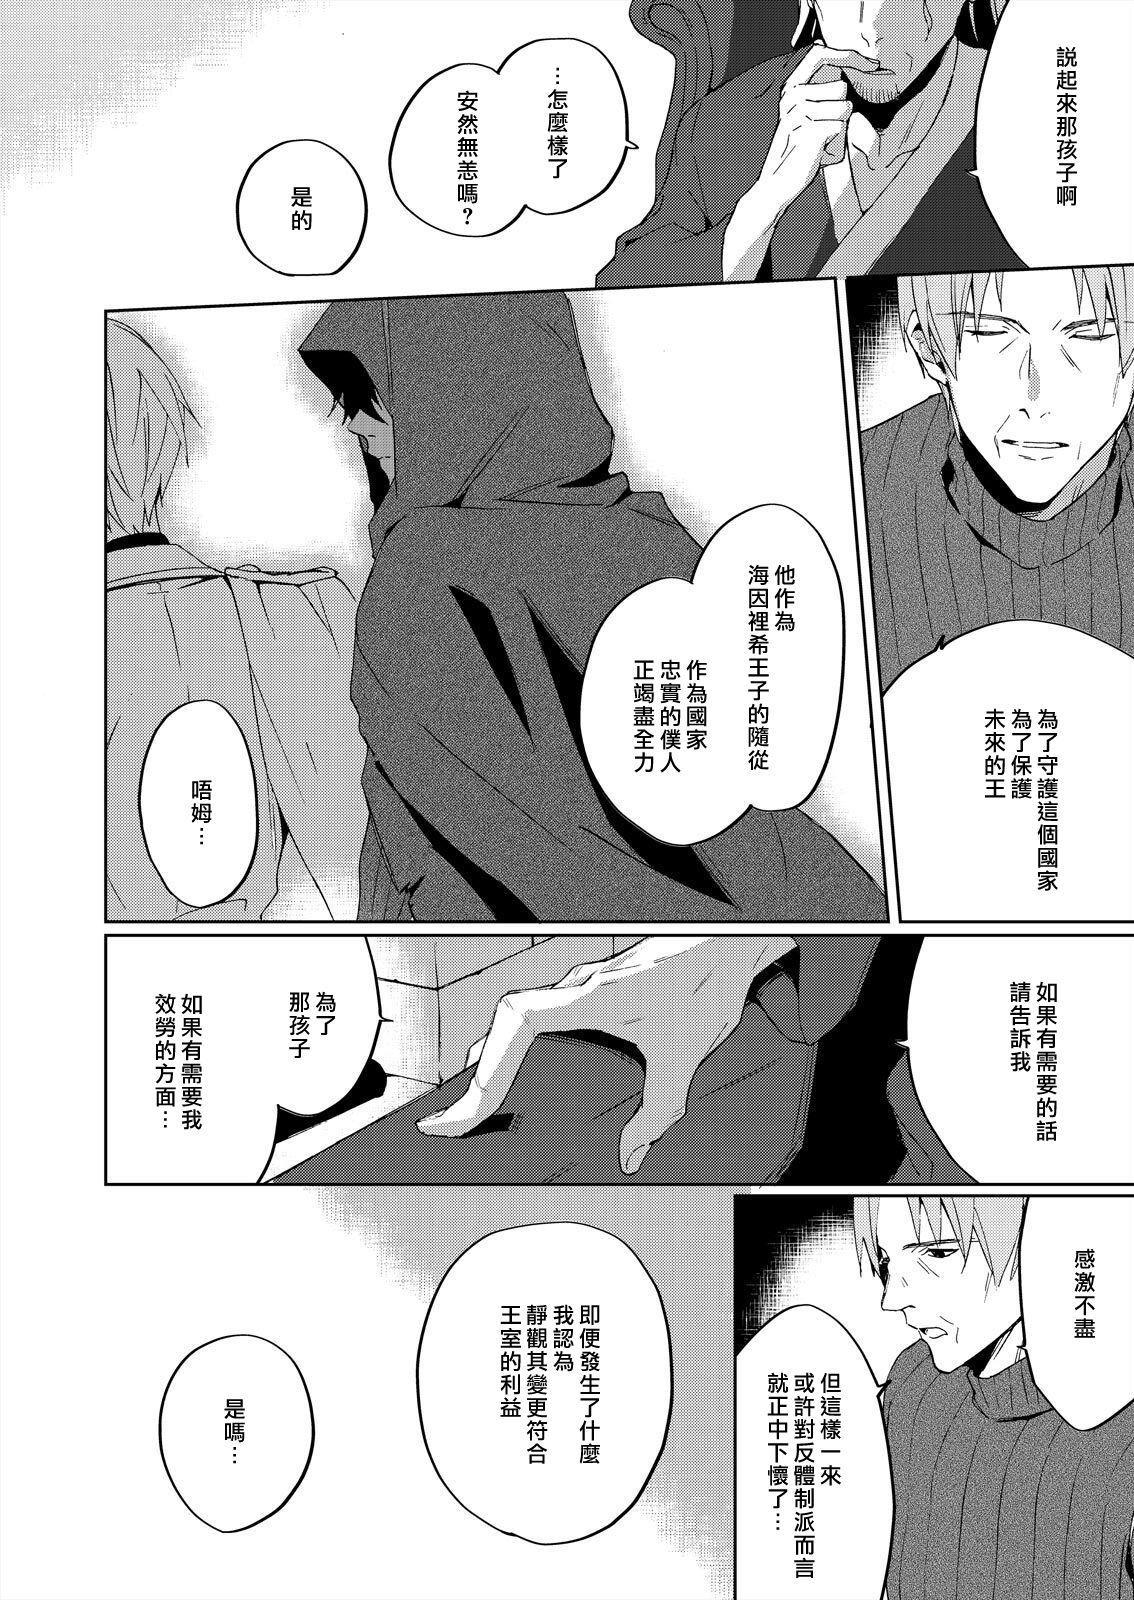 [Yuzushiwo] Akuyaku Reijou wa Ichizu ni Dekiai sarete ~Noumitsu Sex no Aite wa Juuboku~ | 被疯狂溺爱的反派大小姐~浓密性爱对象是仆从~ 1-5 [Chinese] [莉赛特汉化组] 17